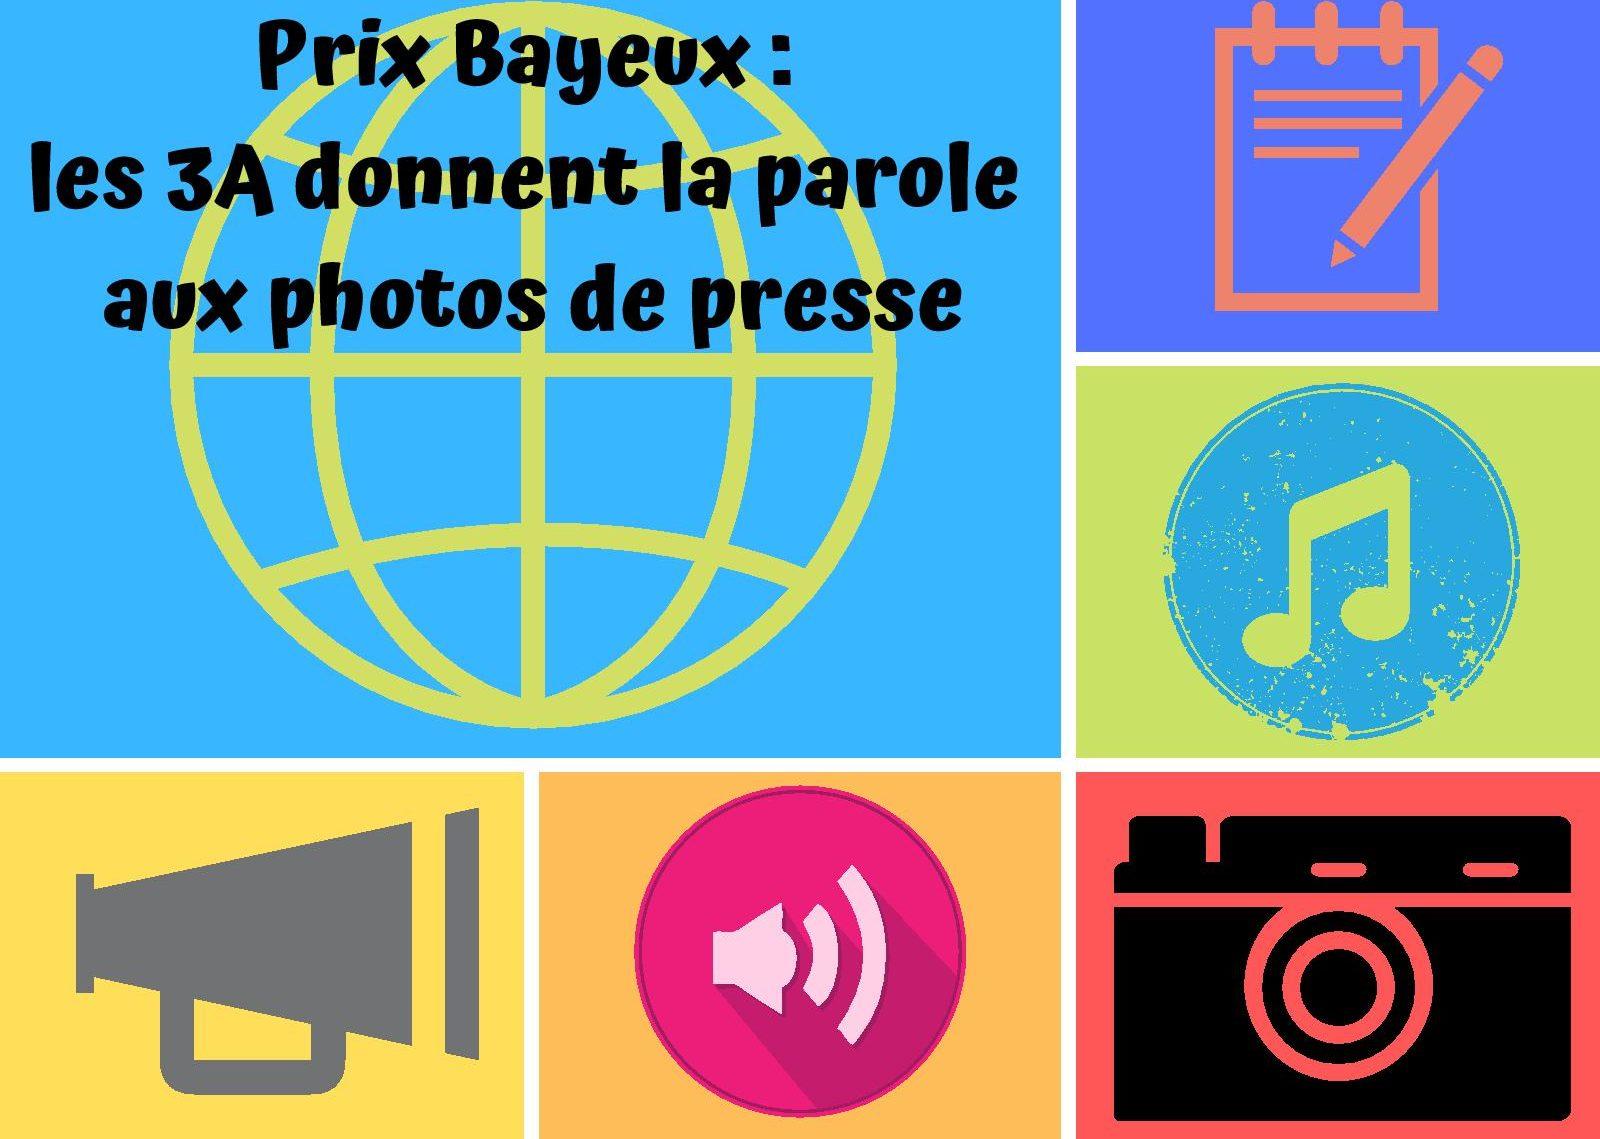 Prix Bayeux _ les 3A donnent la parole aux photos de presse(1)-page-001.jpg